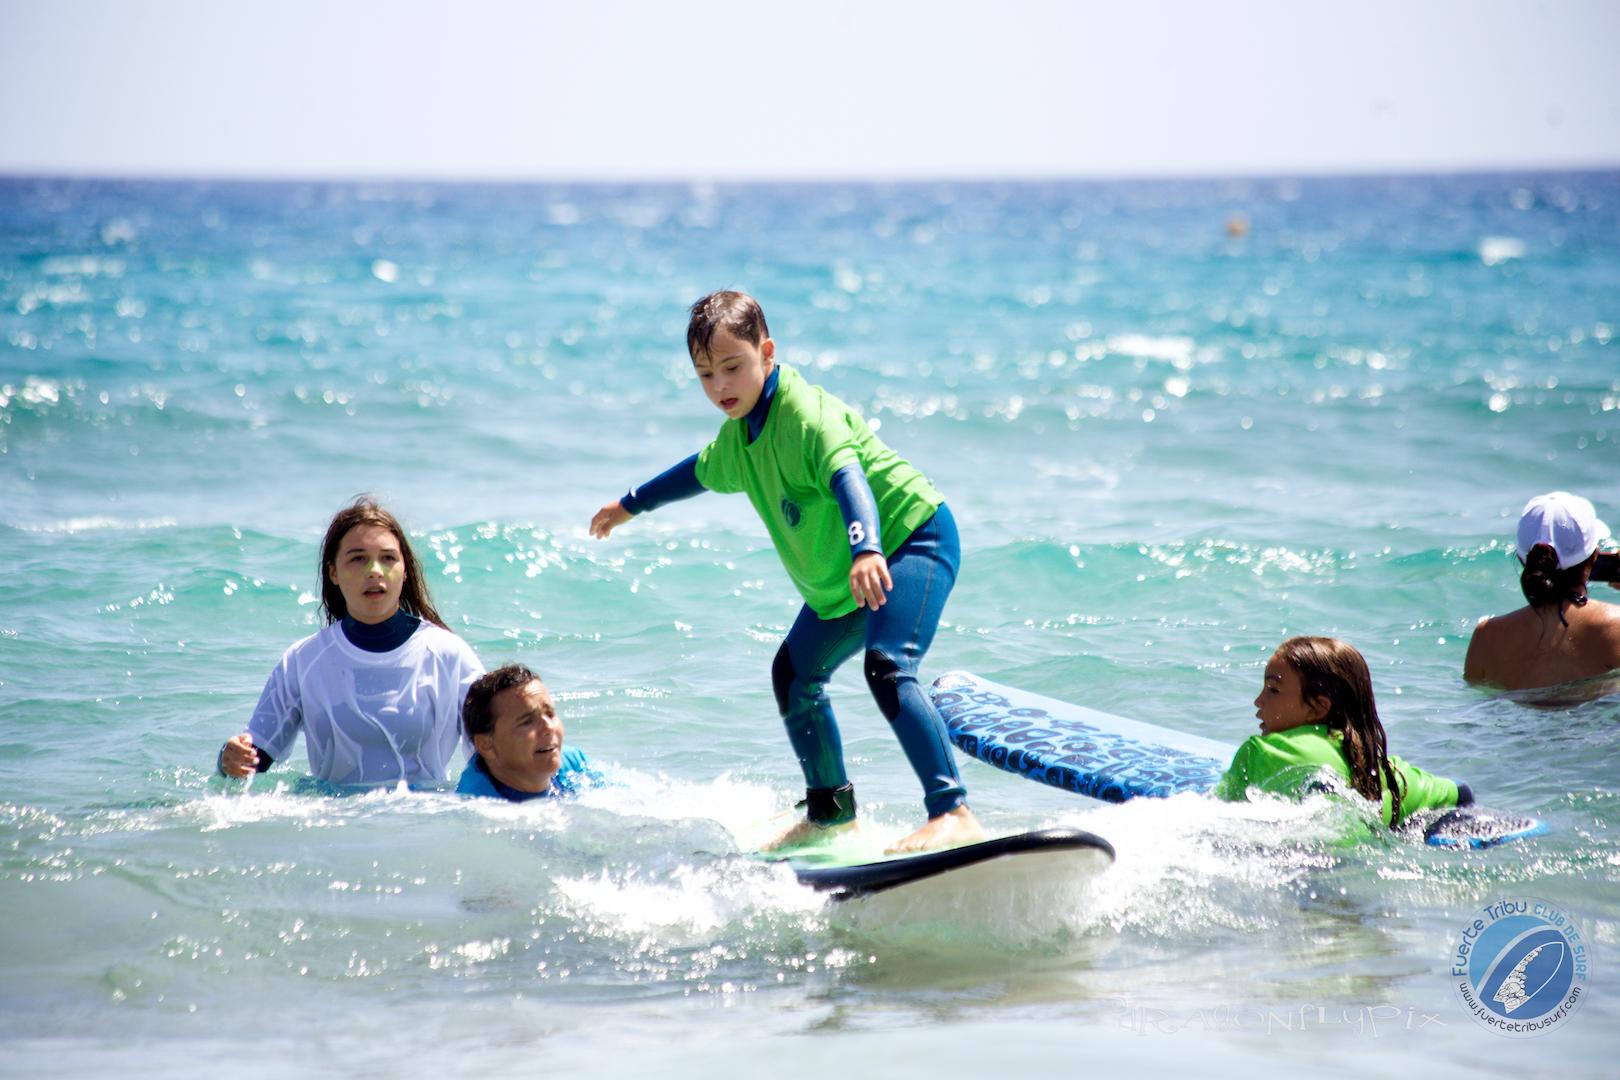 surf adaptado adaptivesurfingIMG_6160.jpg